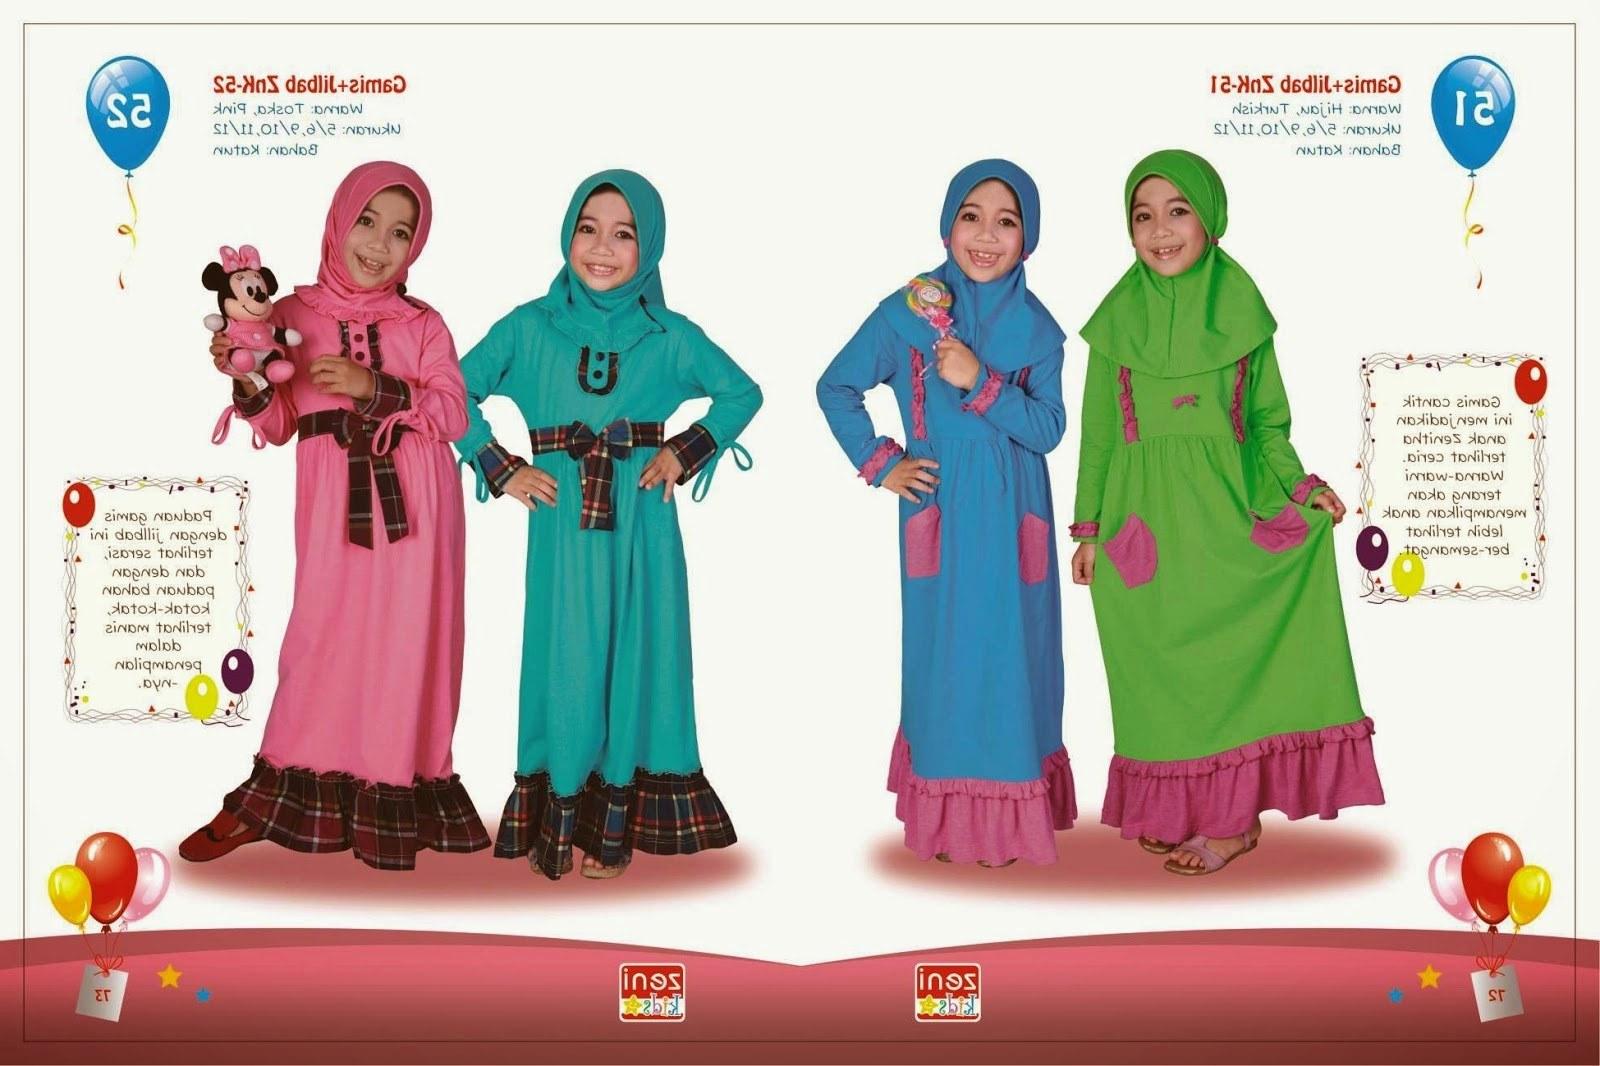 Model Model Baju Lebaran Anak Anak Whdr Baju Lebaran Anak Setelan Gamis Yang Imut Dan Lucu 2015